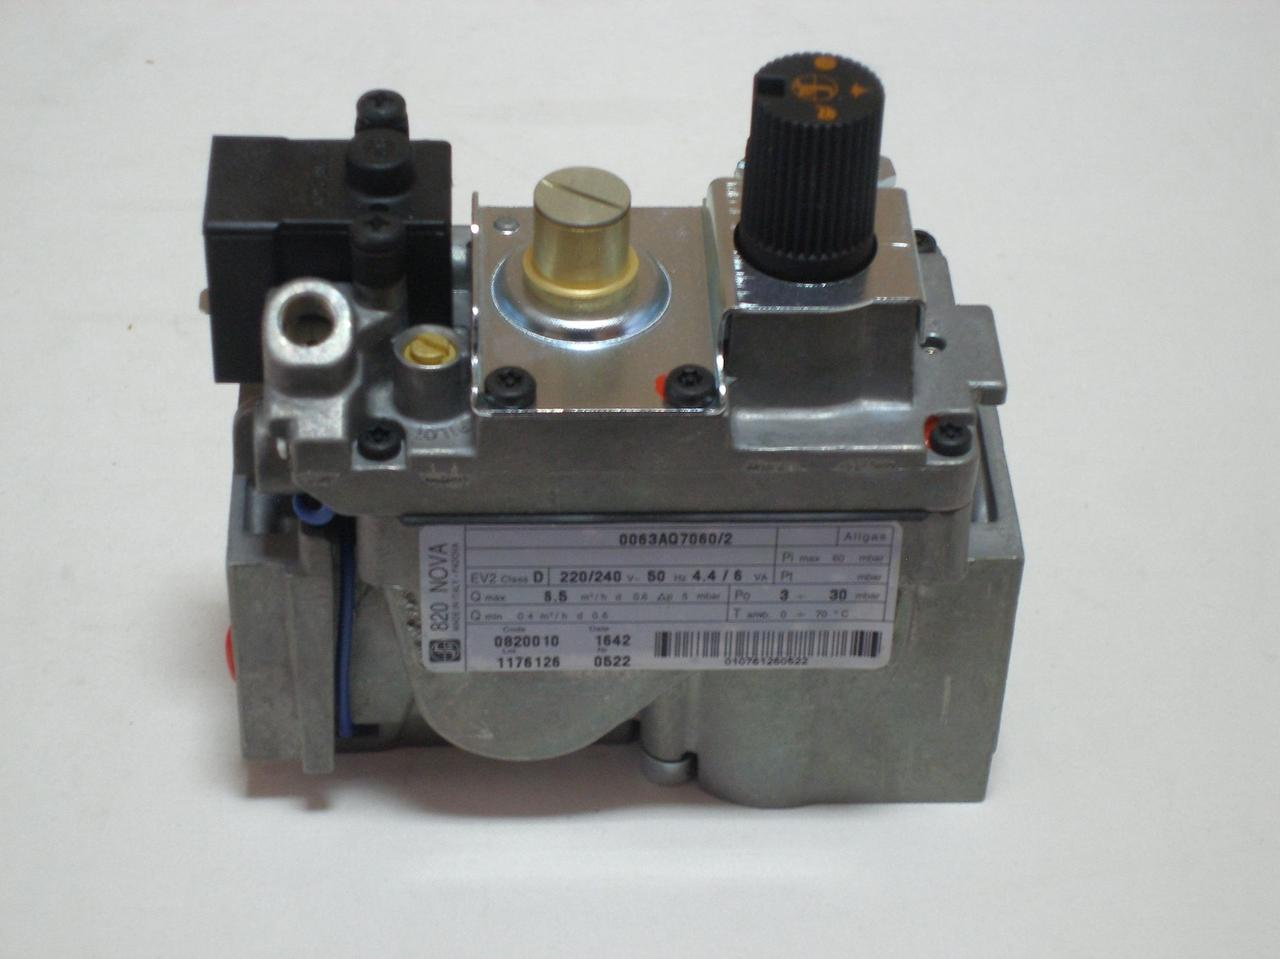 Газовый клапан Sit Nova 820 энергозависимый 0.820.010